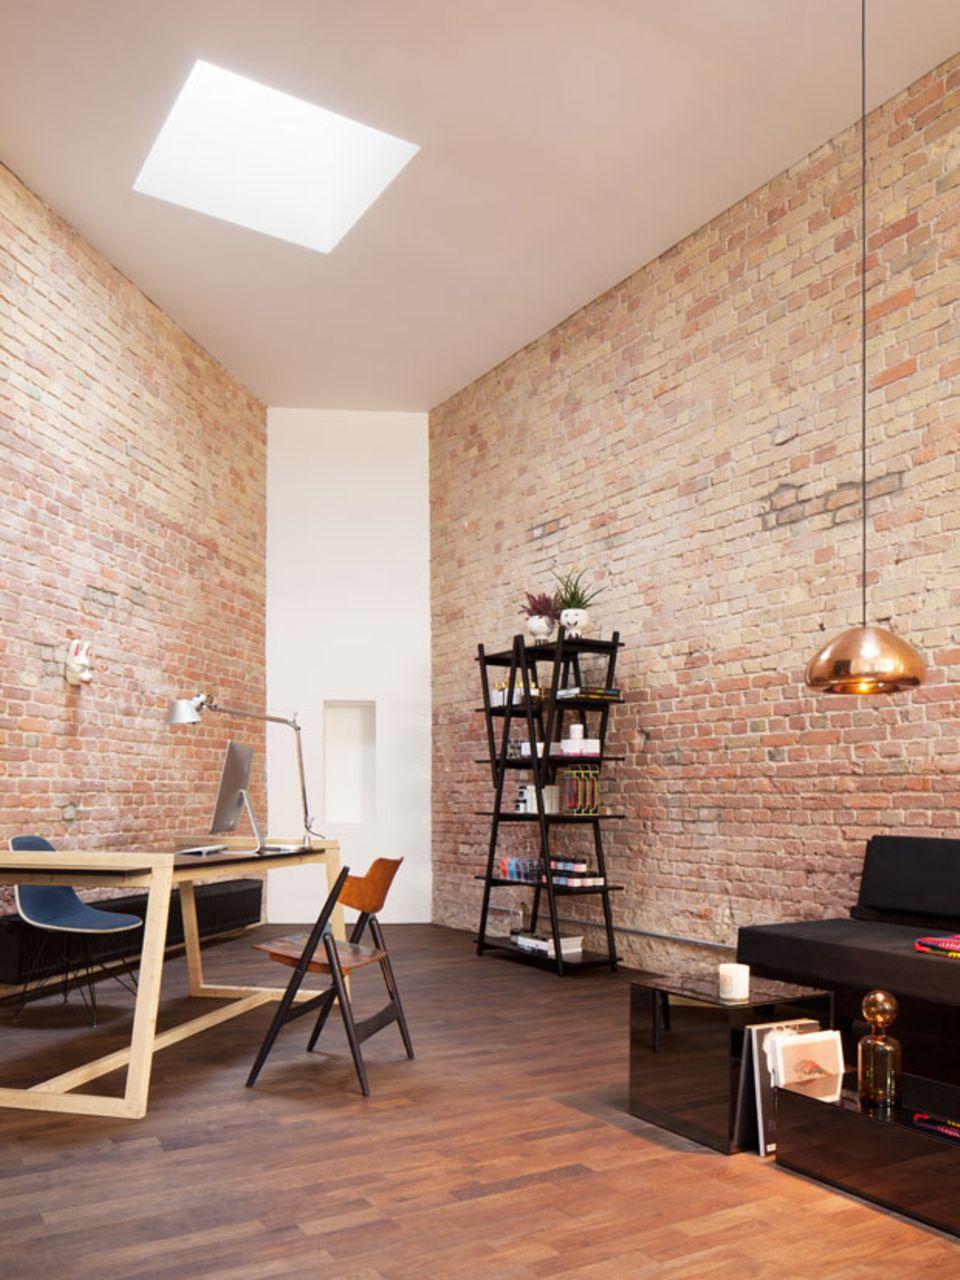 Stilsicher: Das Interieur erinnert eher an eine coole Wohnung als an einen funktionalen Friseur-Salon.